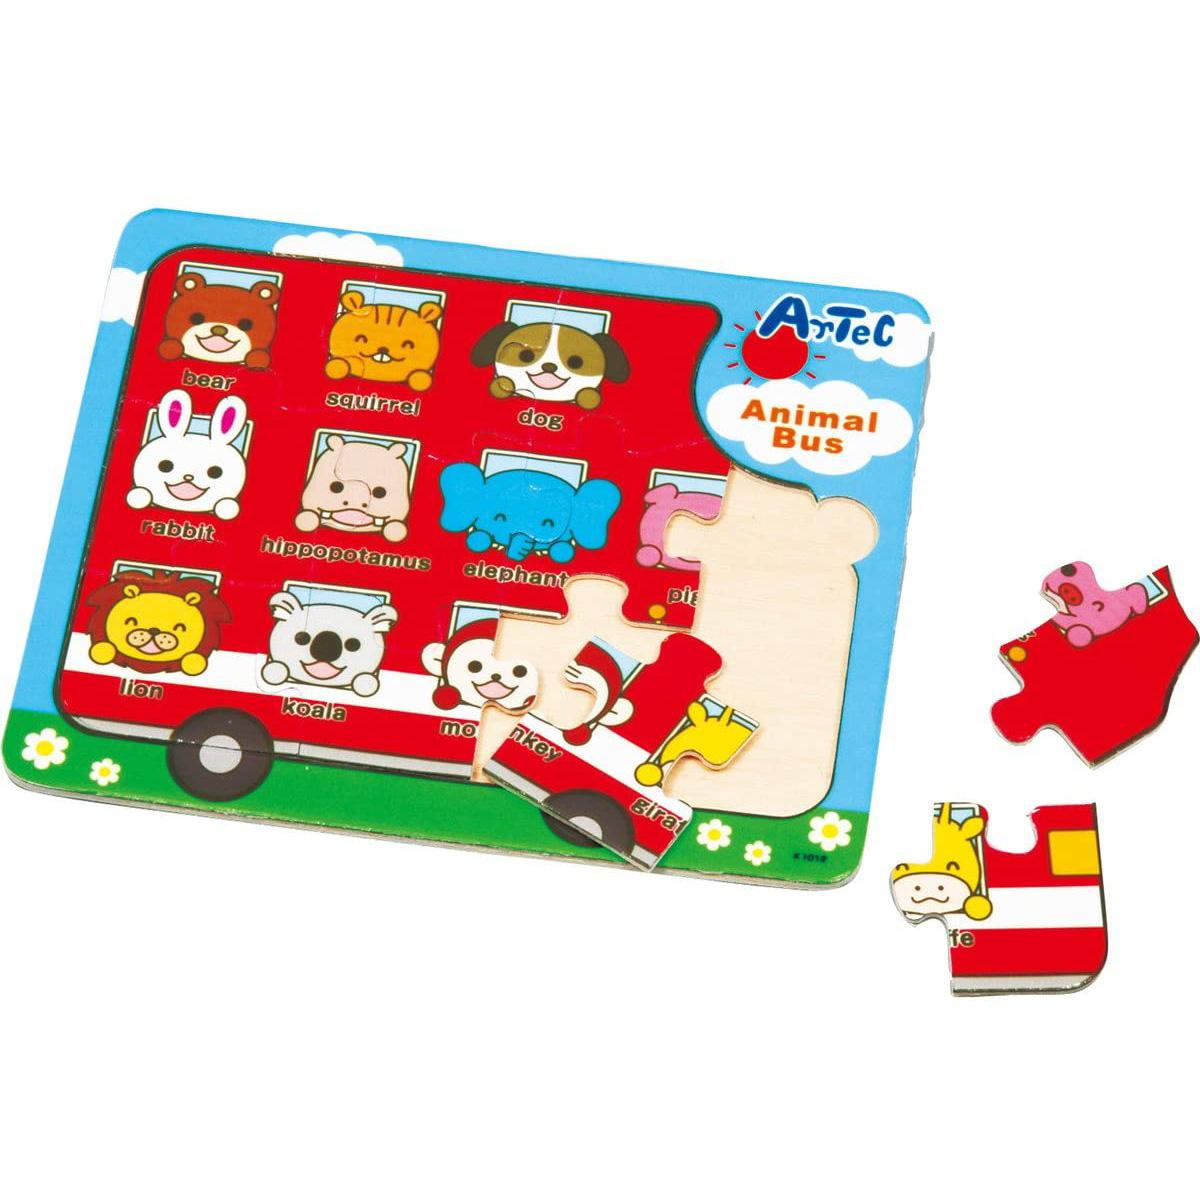 木製パズル アニマルバス ベビー キッズ 子供 知育玩具 パズル おもちゃ